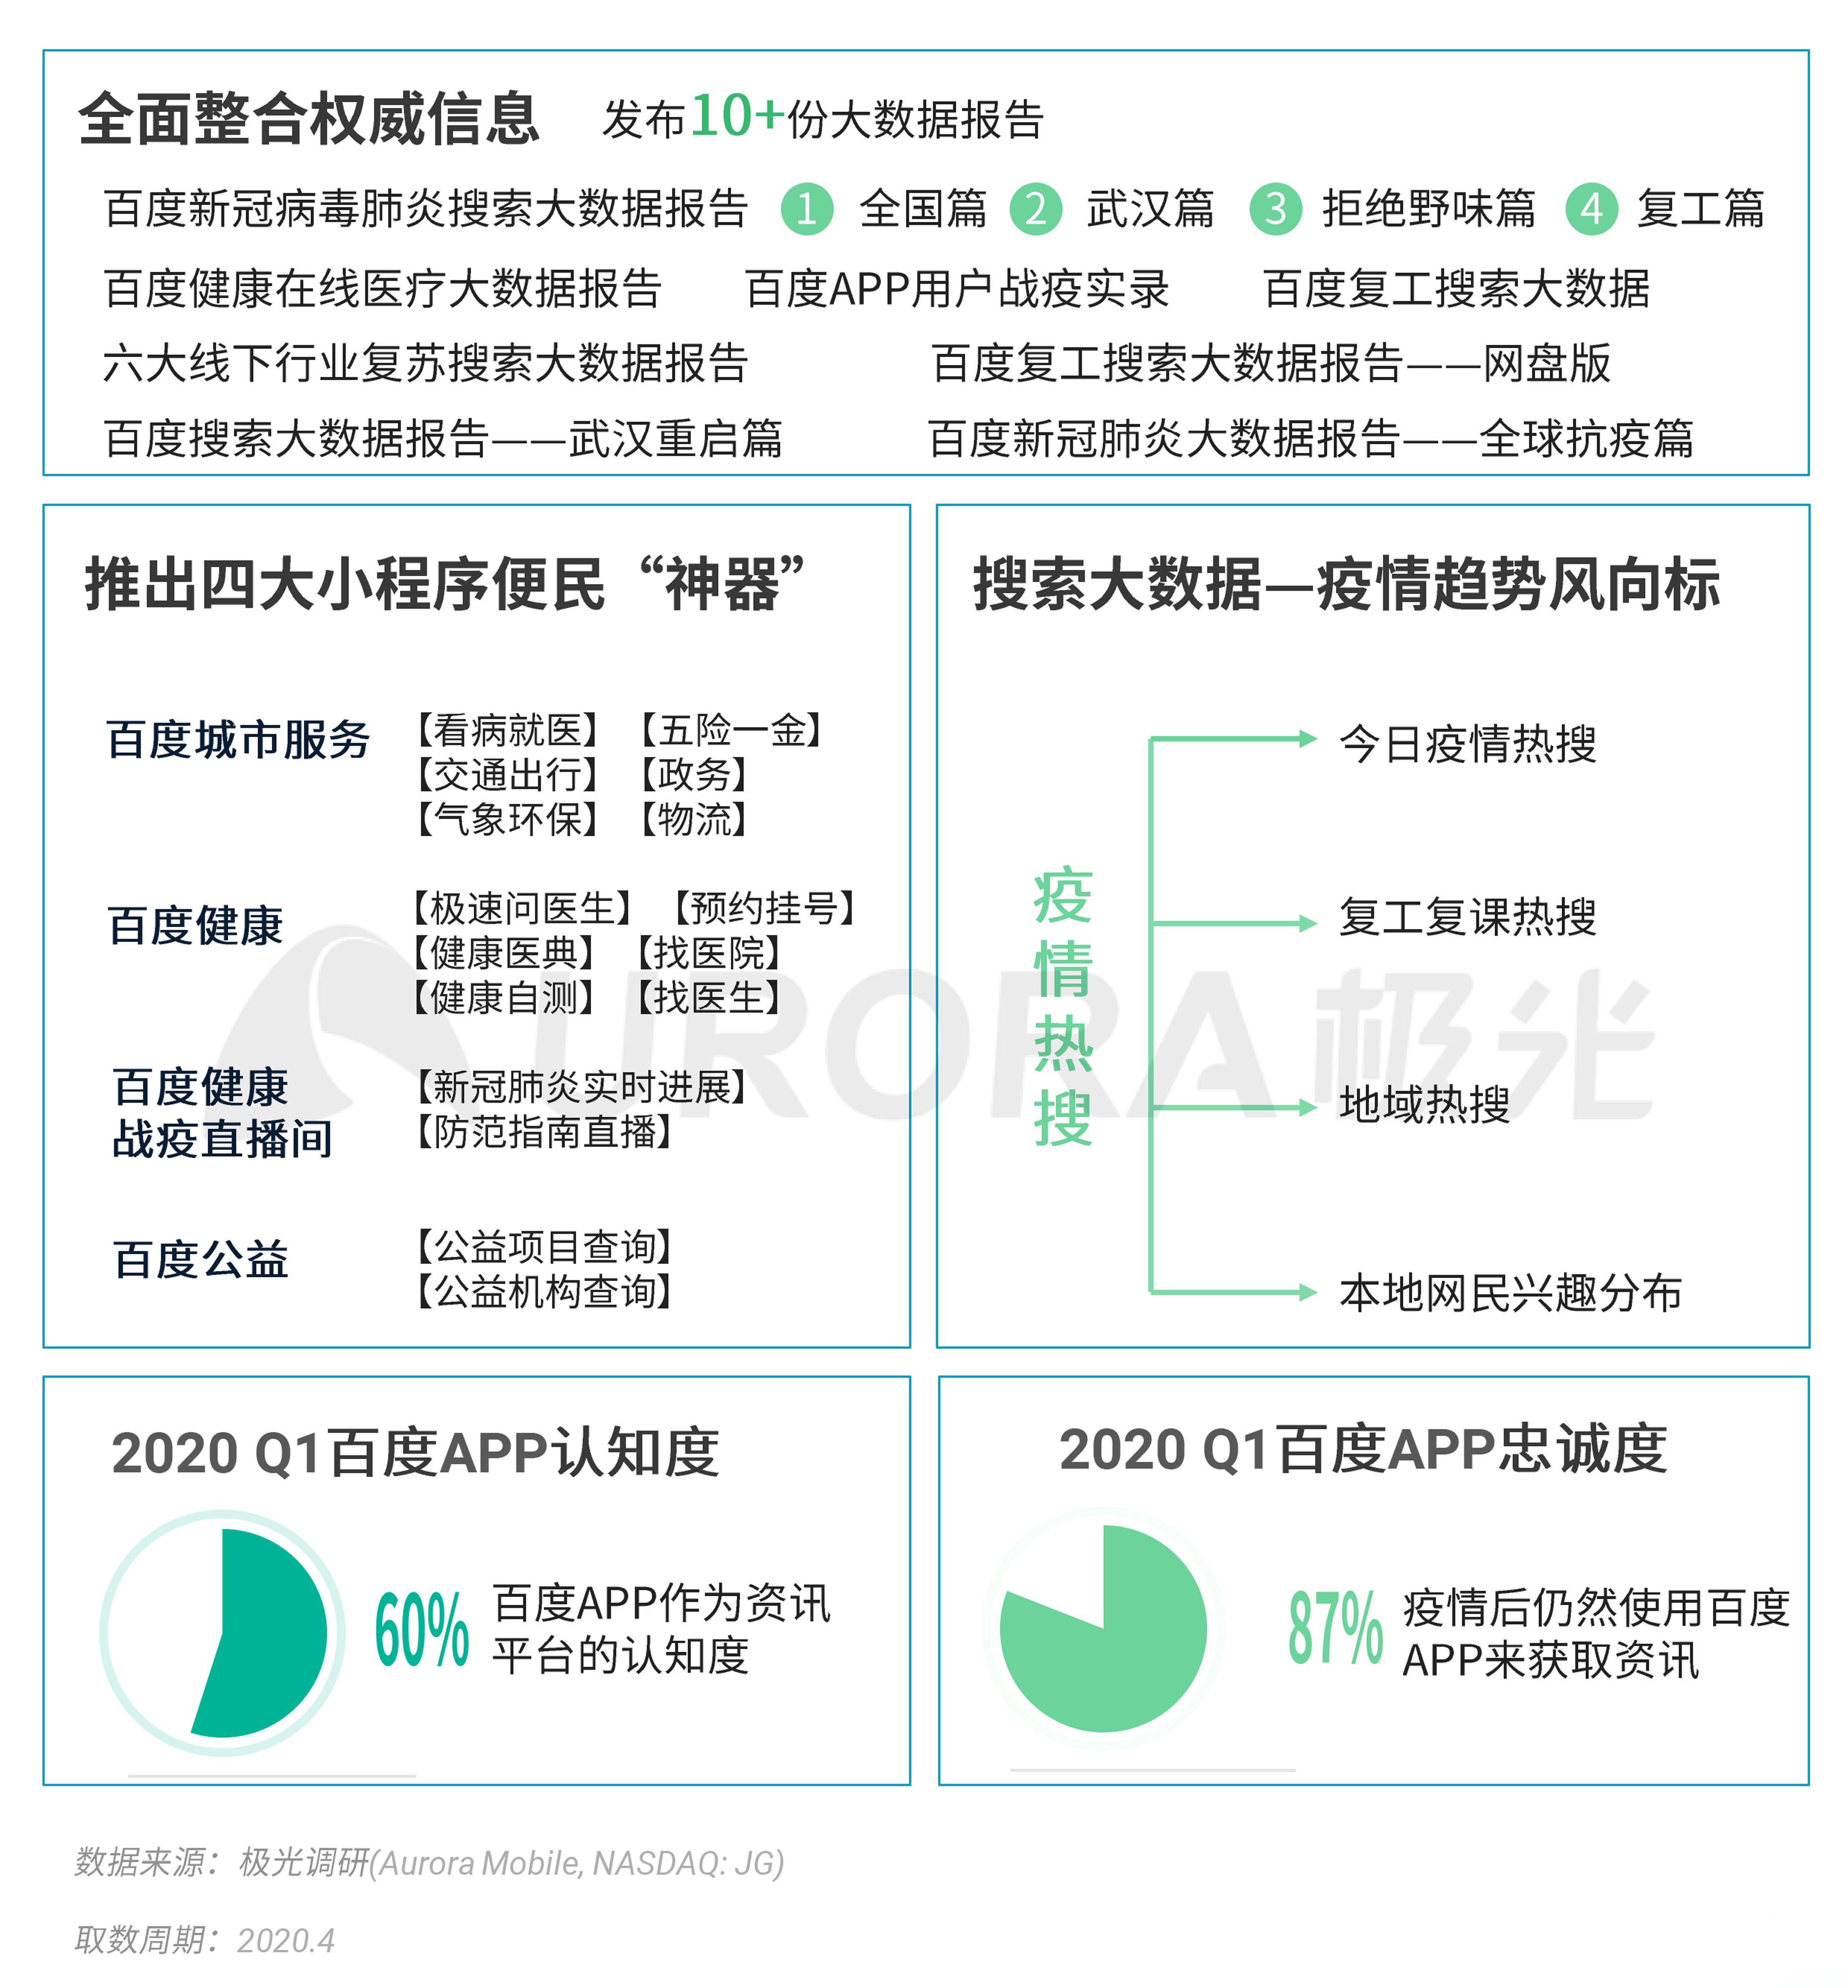 极光:新闻资讯 (21).png